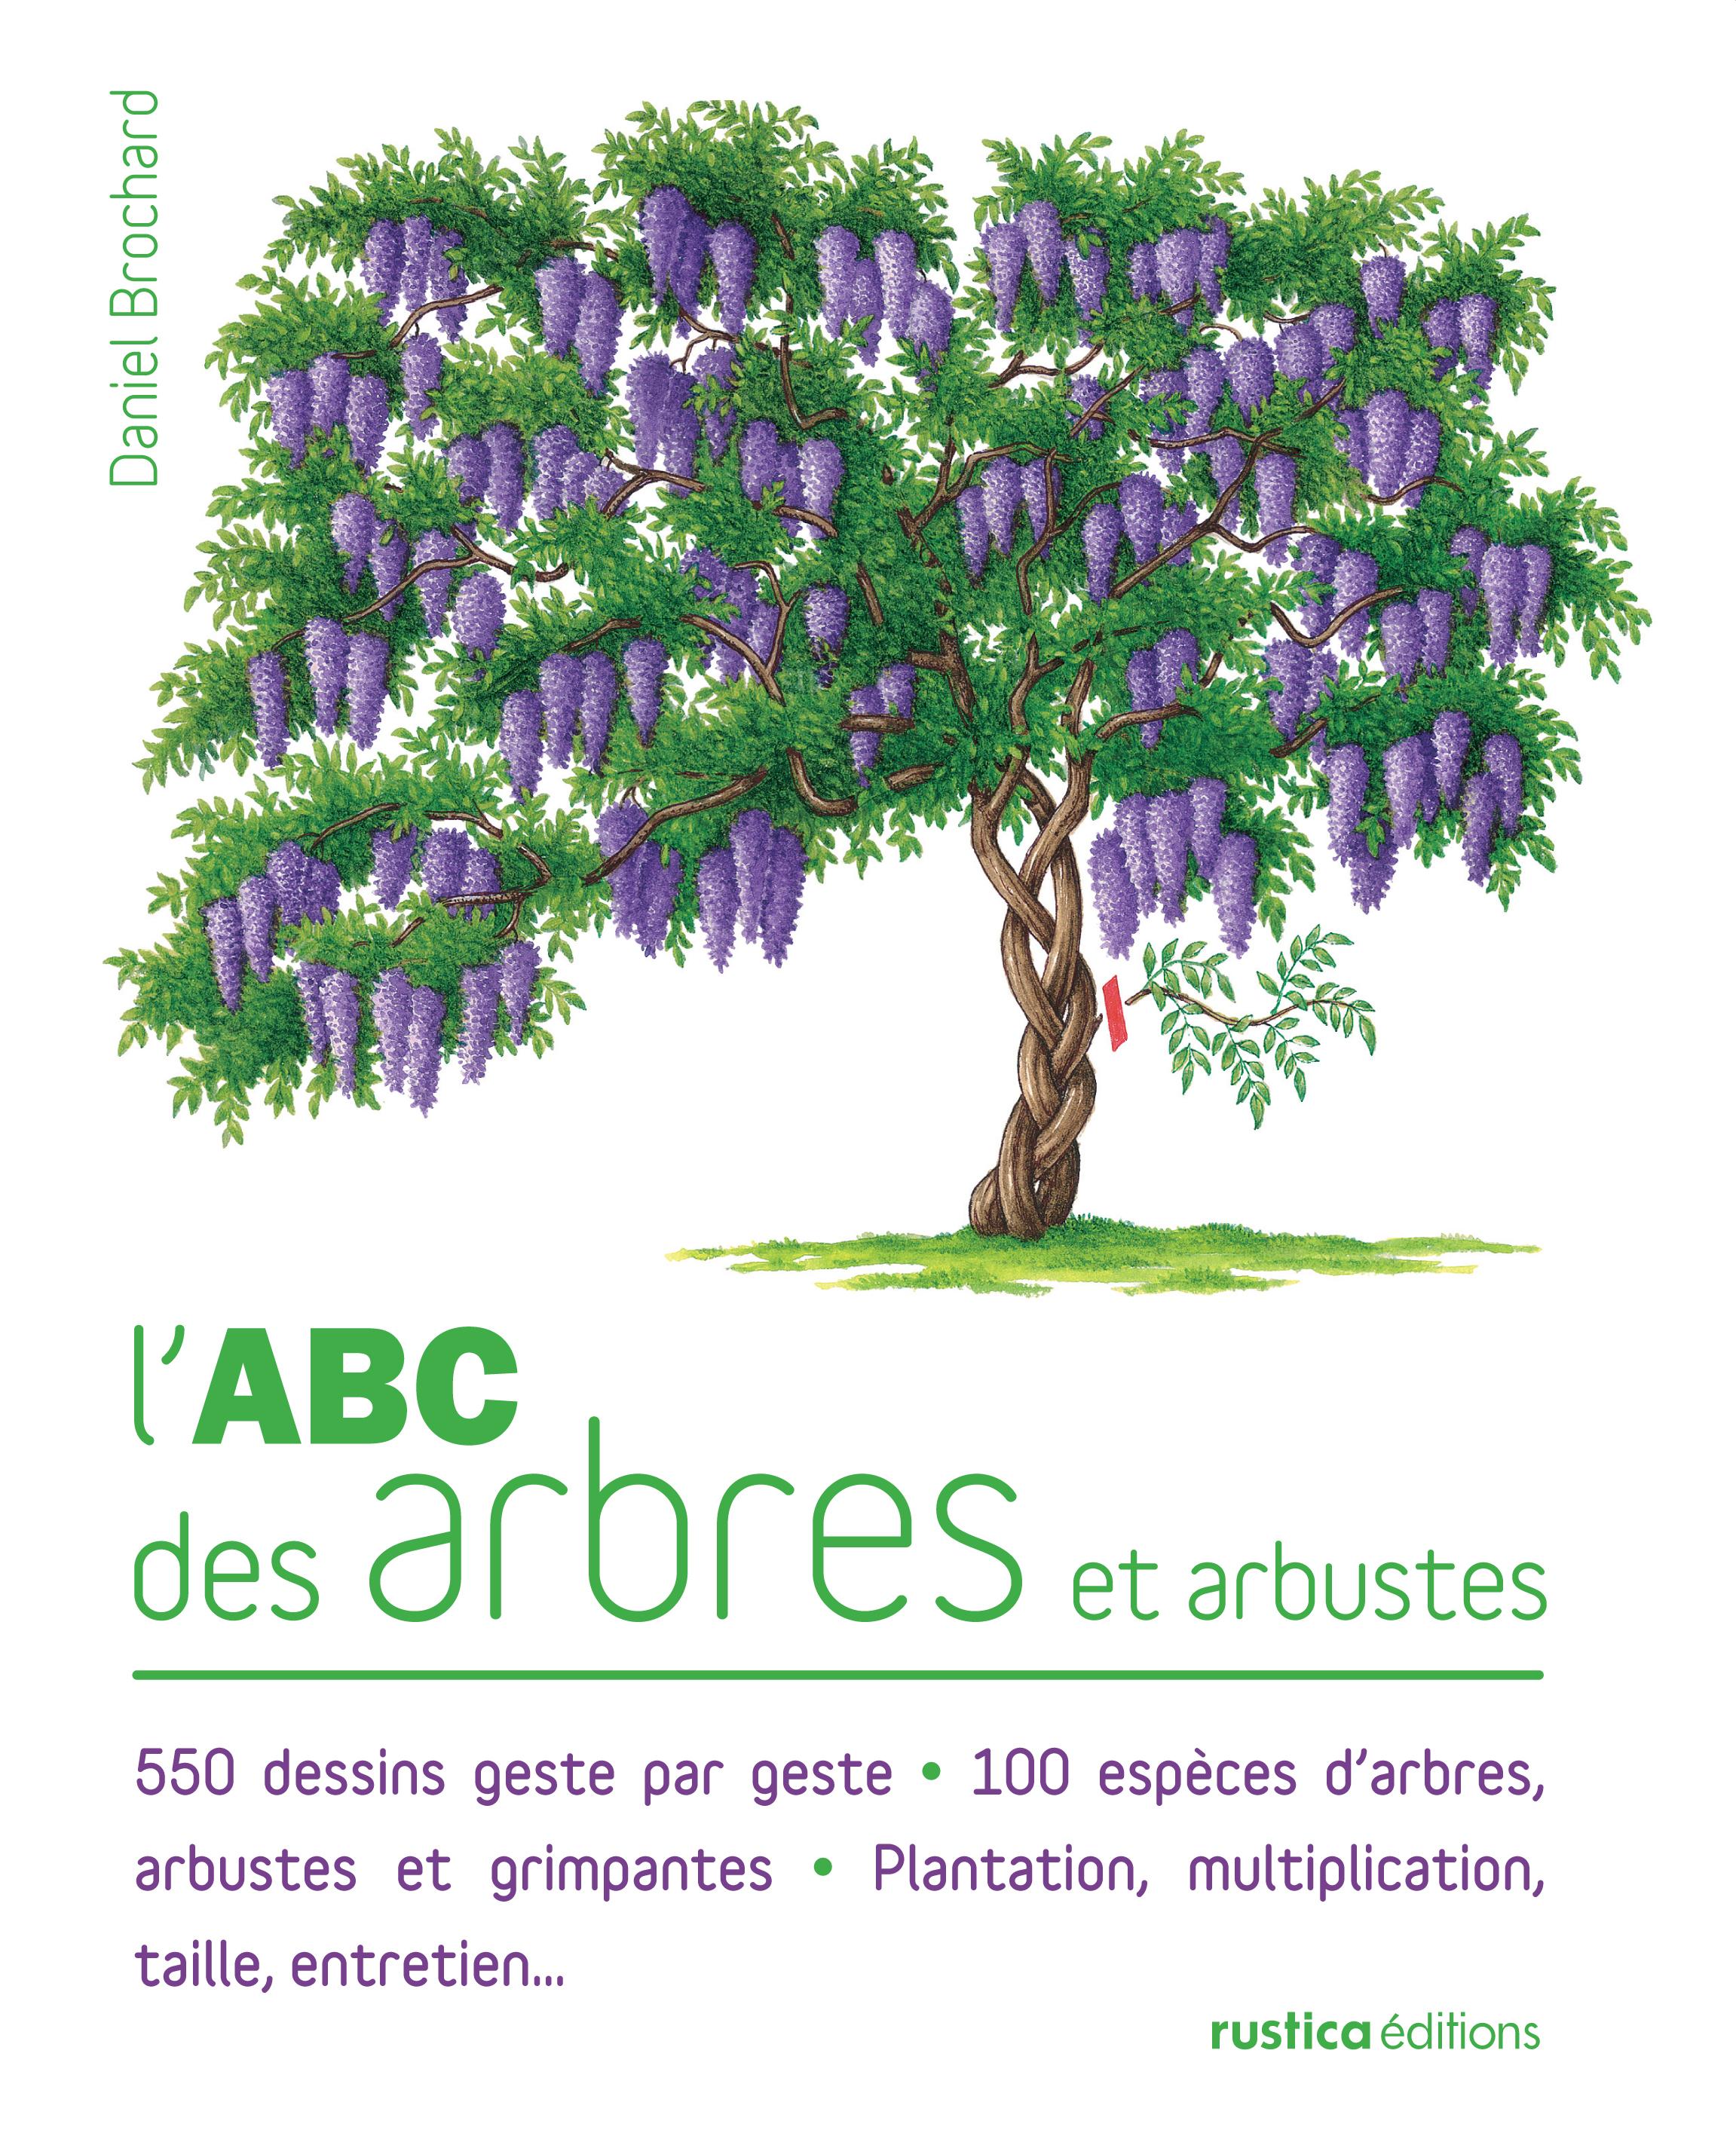 L'ABC DES ARBRES ET ARBUSTES DU JARDIN